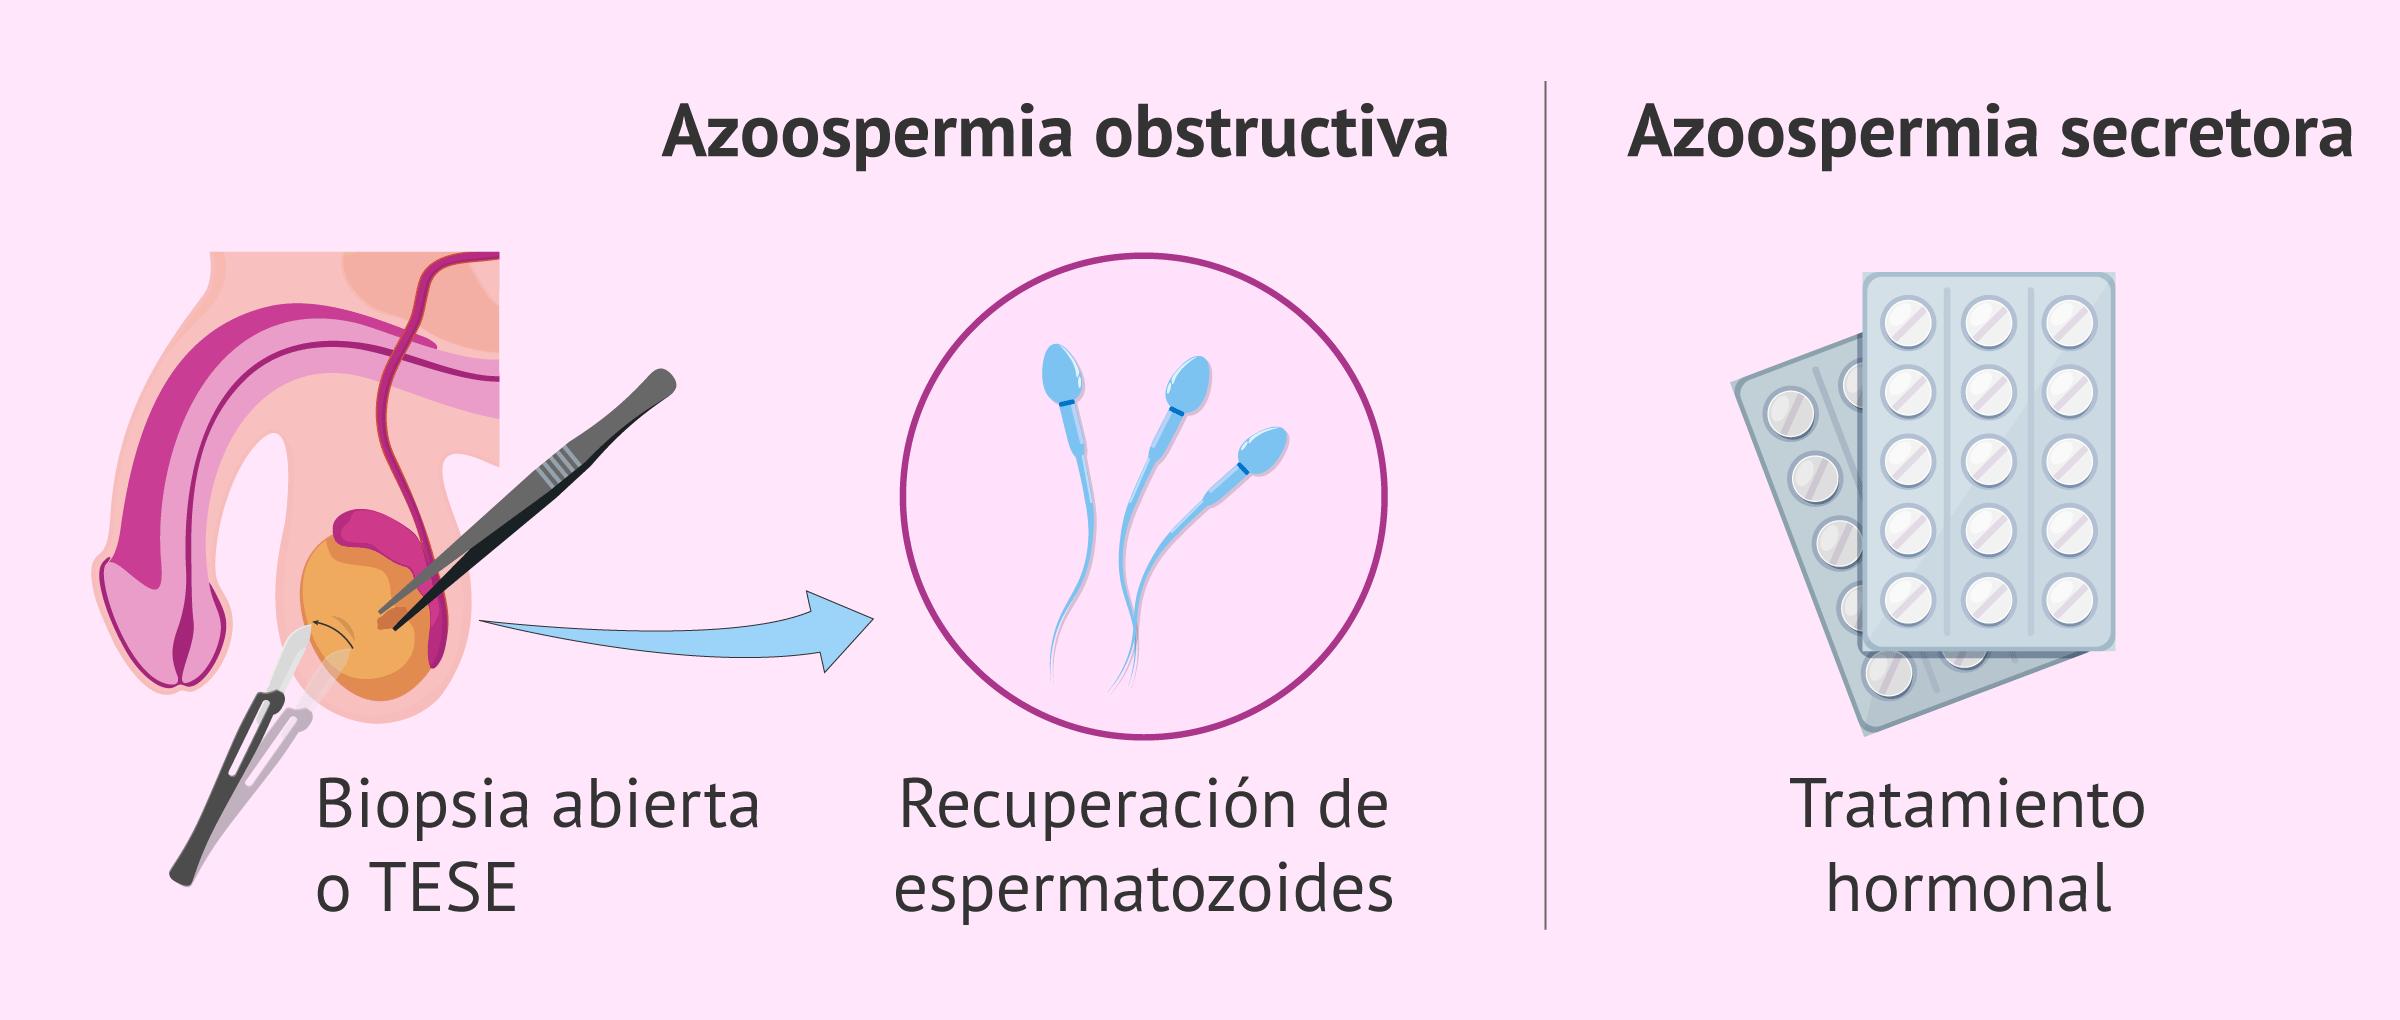 Opciones terapéuticas de la azoospermia